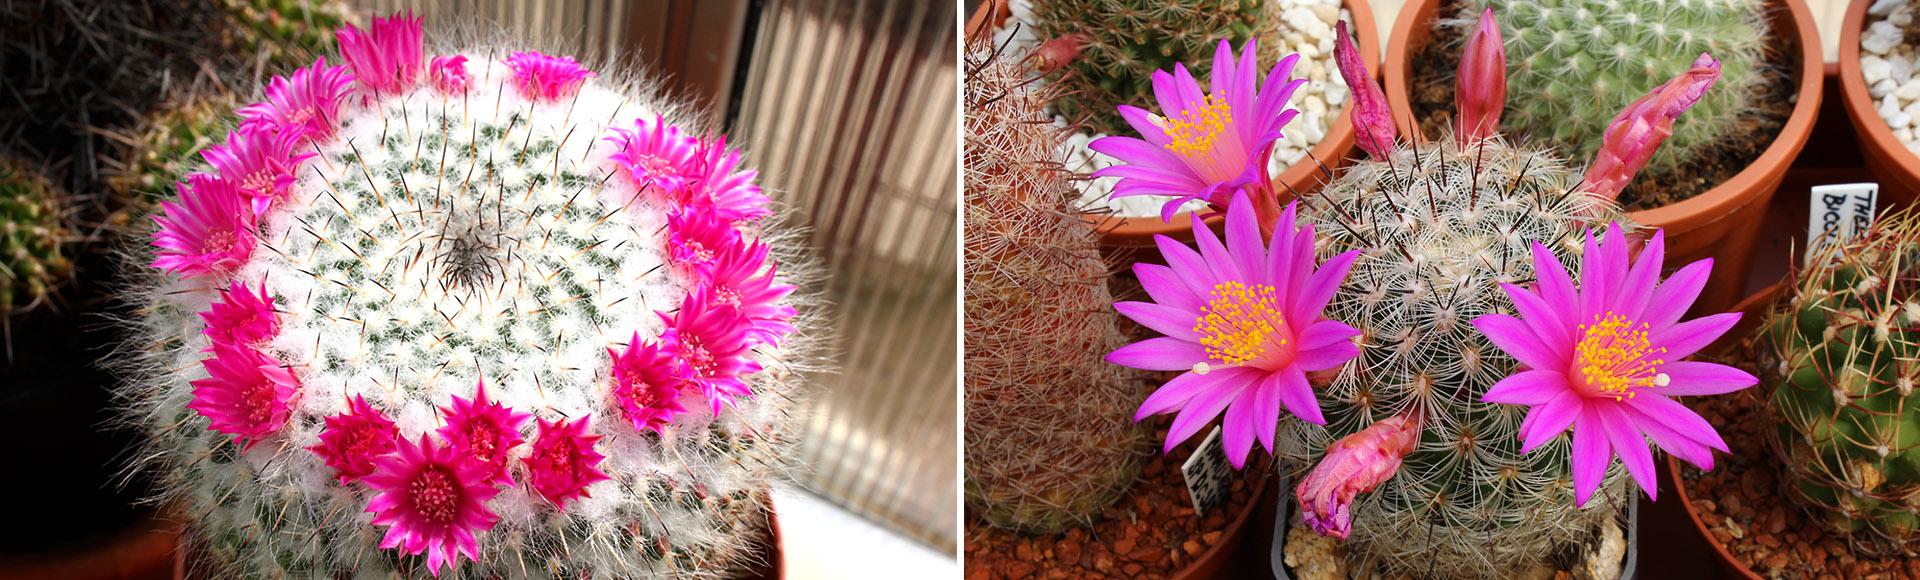 Vše ze světa kaktusů, rady, inspirace, fotky, návody a mnohem více...